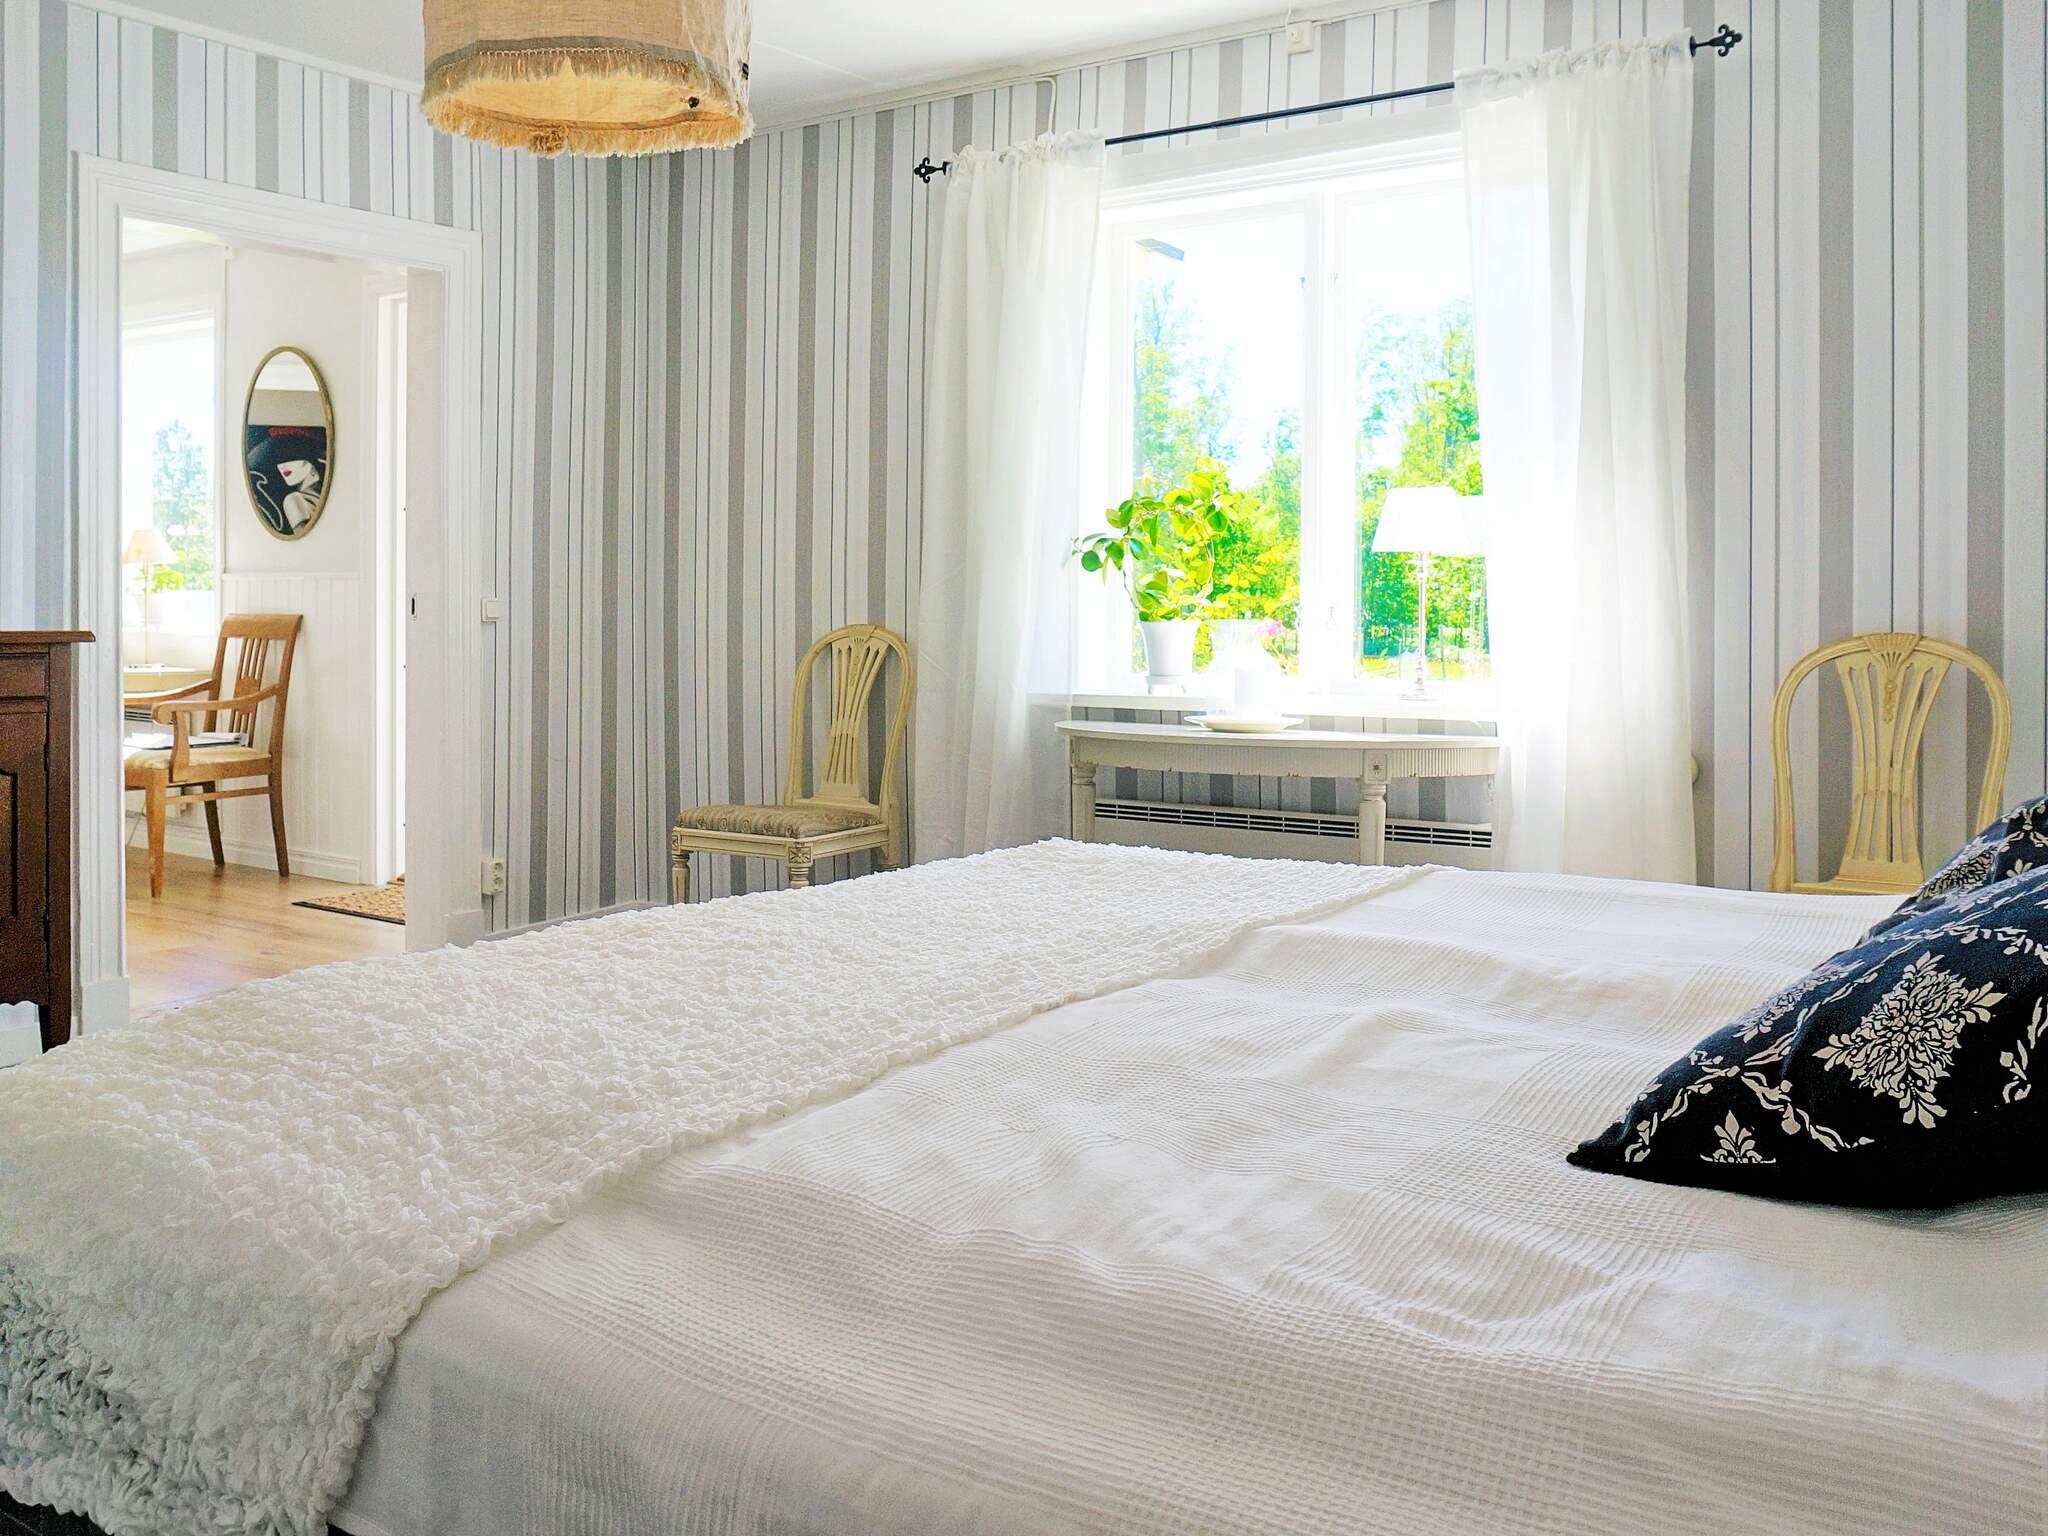 Ferienhaus Hova (432882), Hova, Västra Götaland län, Westschweden, Schweden, Bild 13